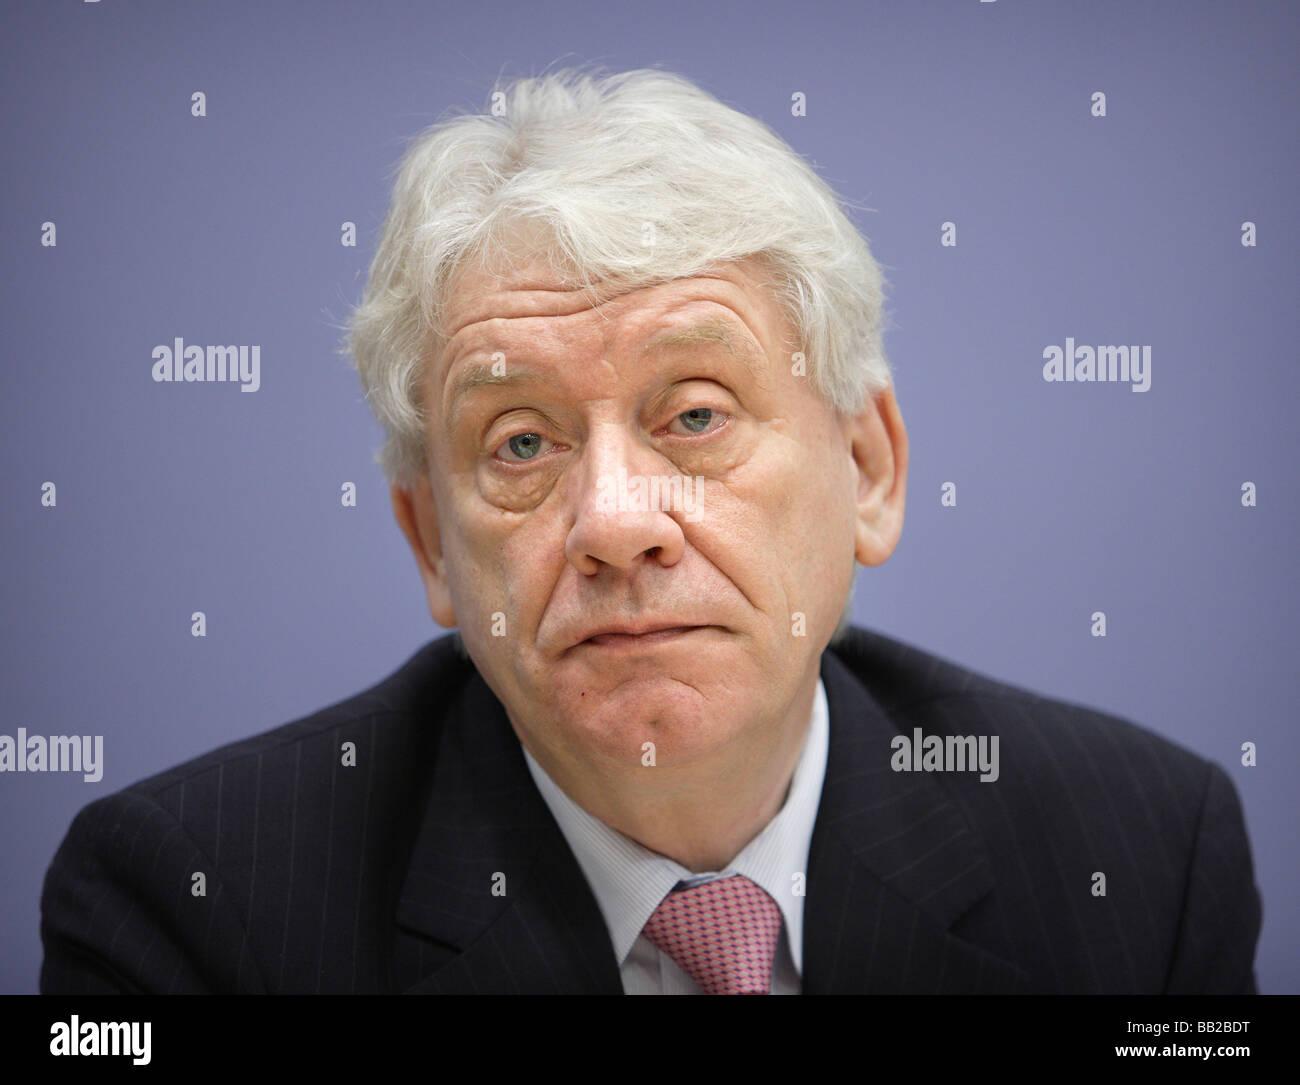 Juergen KOPPELIN Haushaltspolitischer Sprecher der FDP Bundestagsfraktion Berlin Deutschland Jürgen KOPPELIN Stockbild